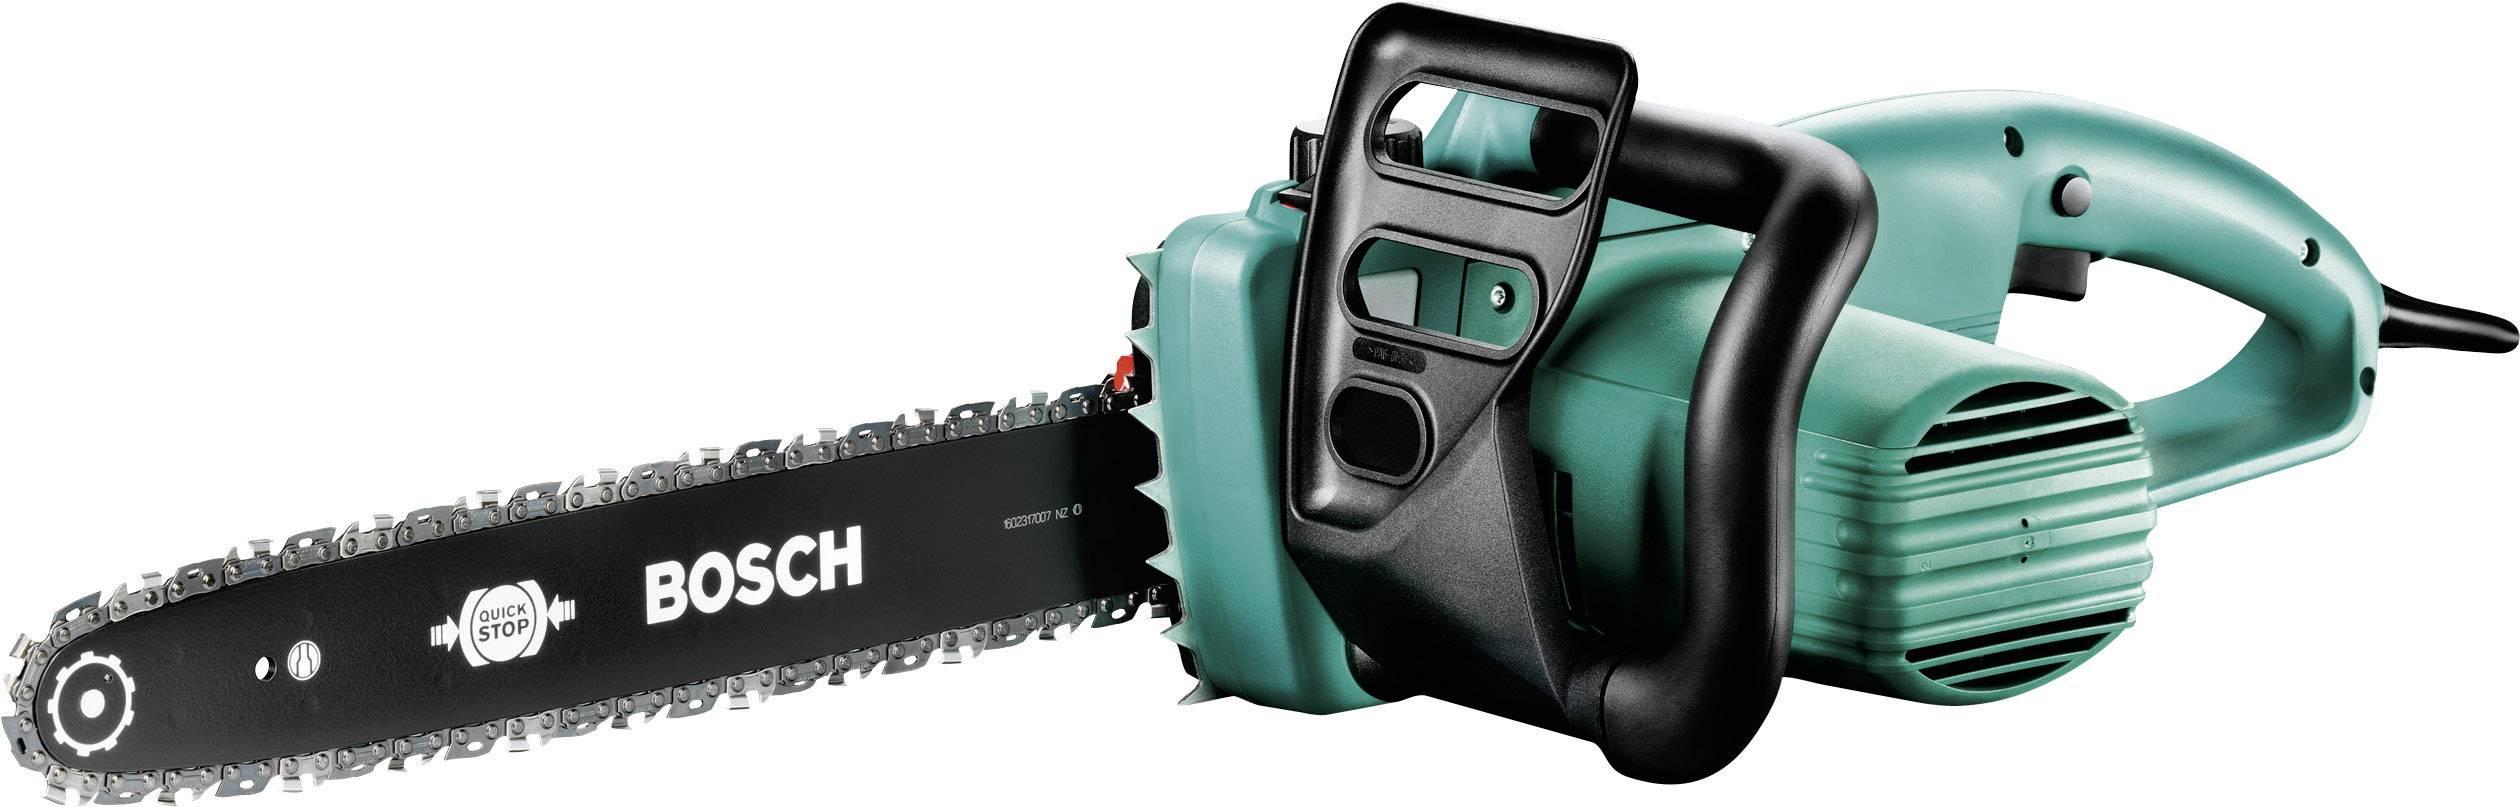 Elektrický/á reťazová píla Bosch Home and Garden AKE 40-19 S, dĺžka čepele 400 mm